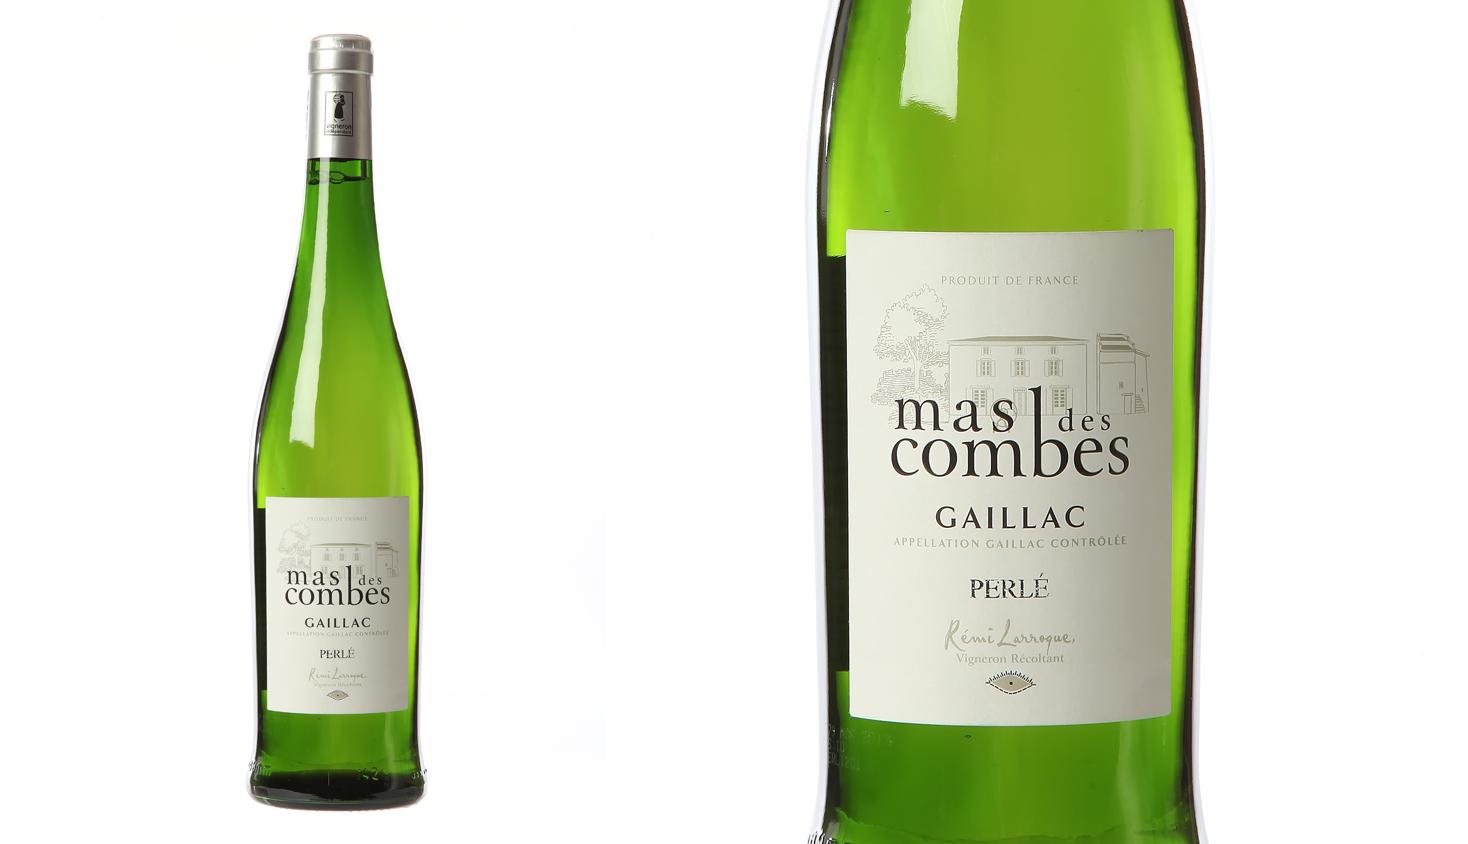 mas_des_combes_perlé_vins_de_gaillac